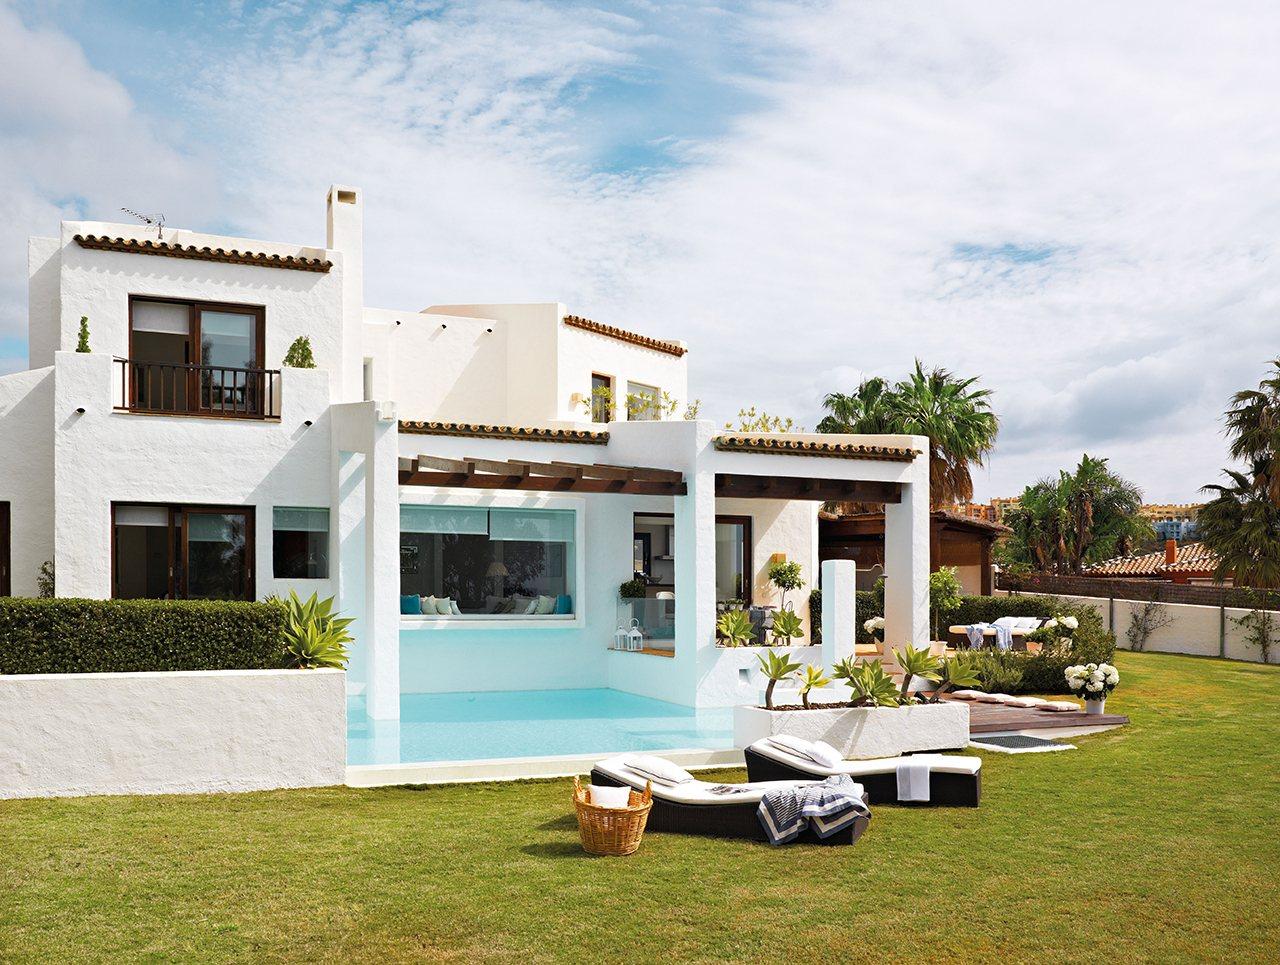 Una casa fresca de esencia andaluza for Casa y jardin abc color